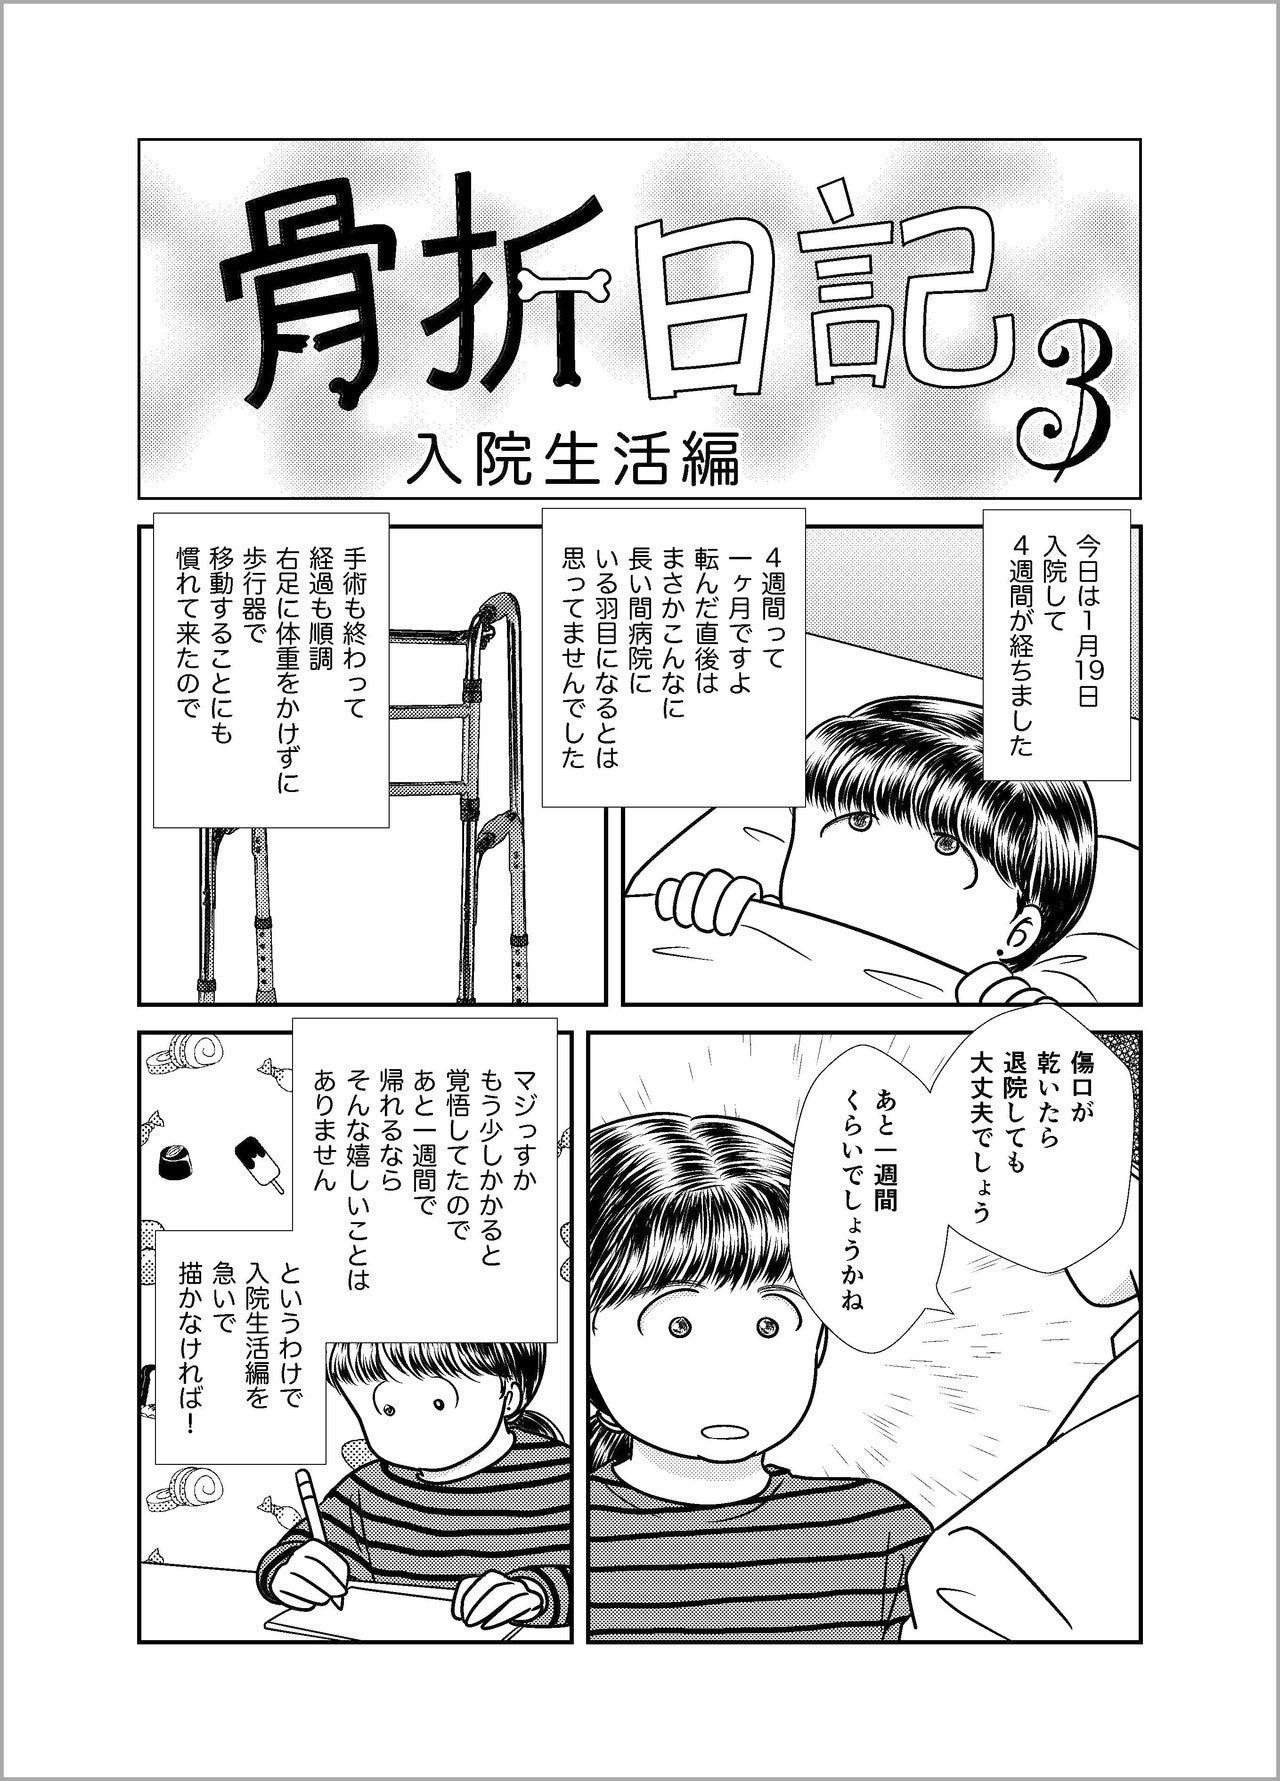 骨折日記-3_001